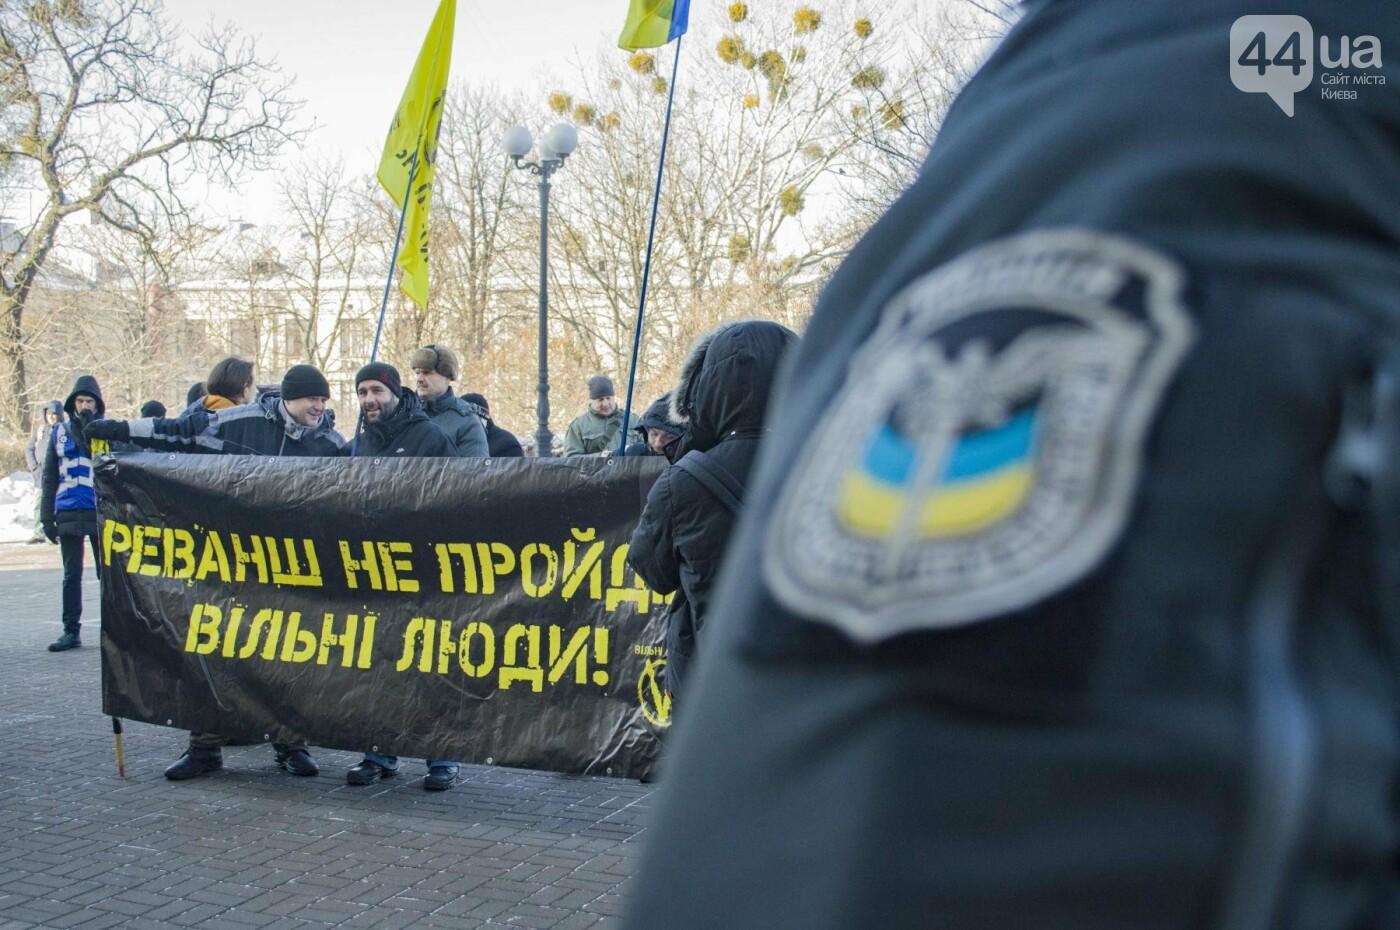 В Киеве прошла акция с требованием уволить ведущую и закрыть телеканал (ФОТО), фото-6